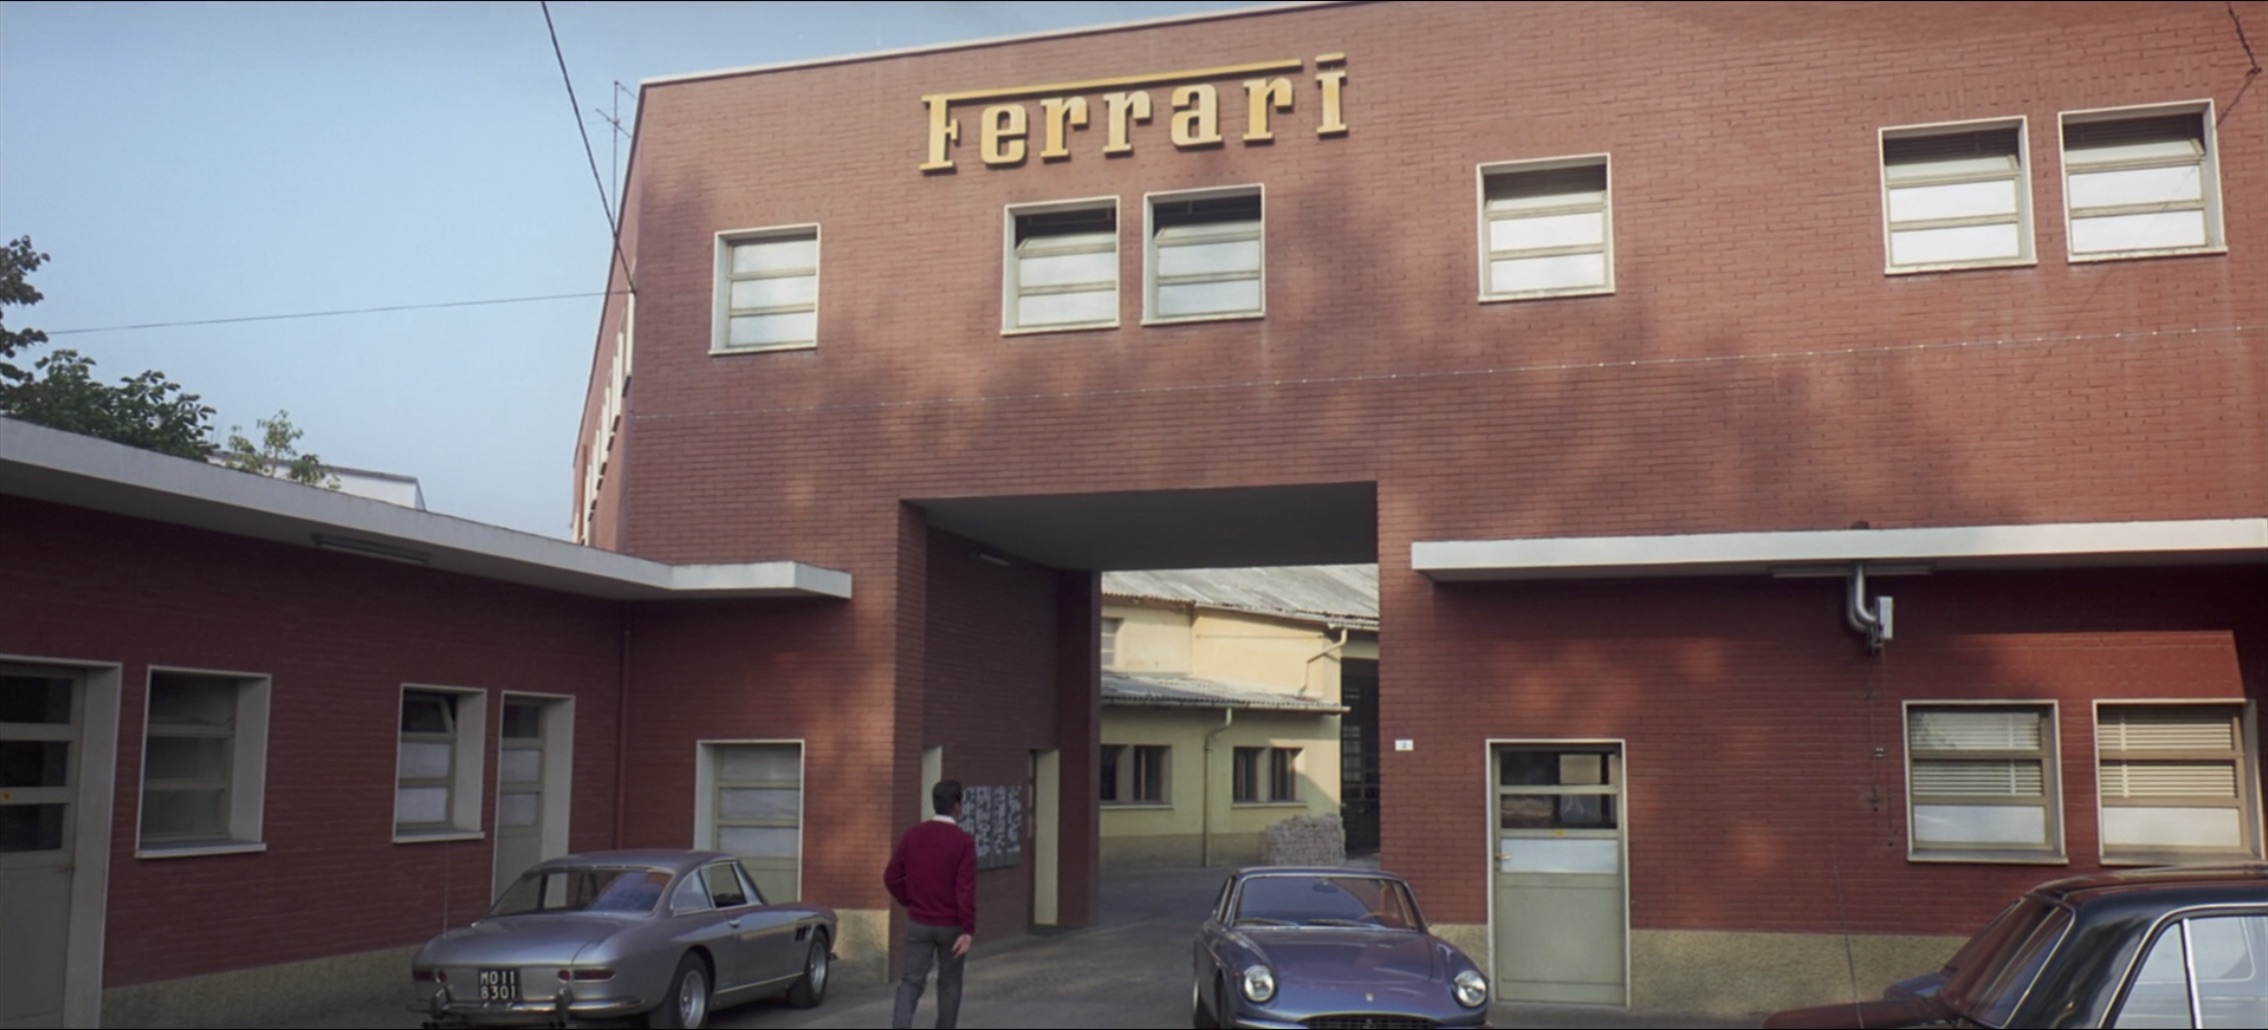 Grand Prix Ferrari headquarters